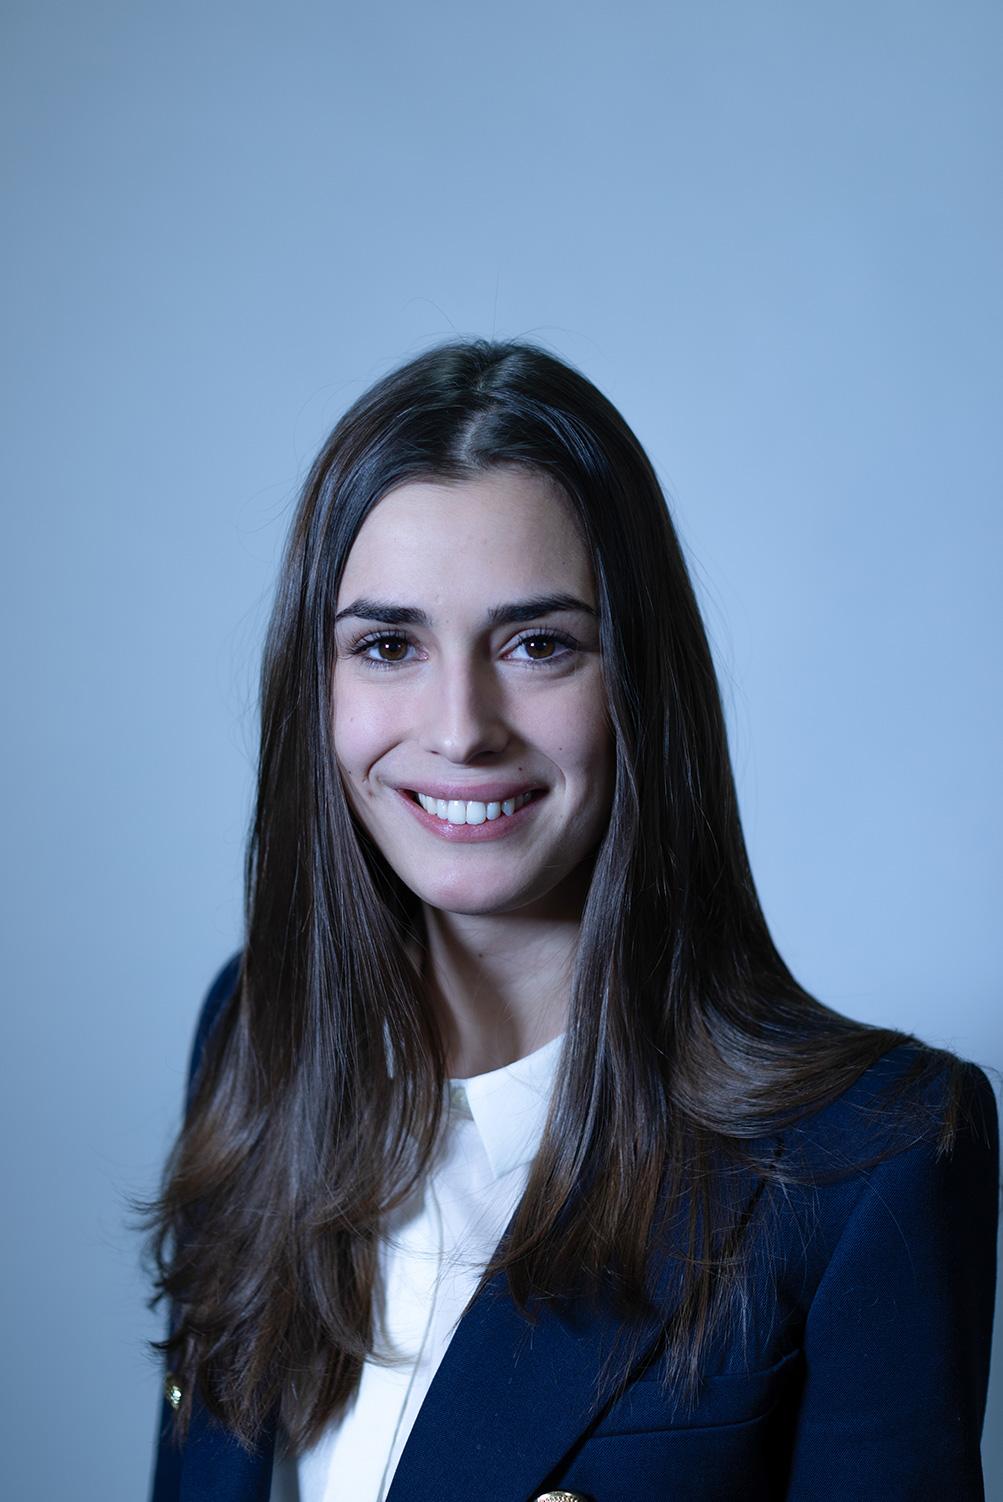 Carla Geue